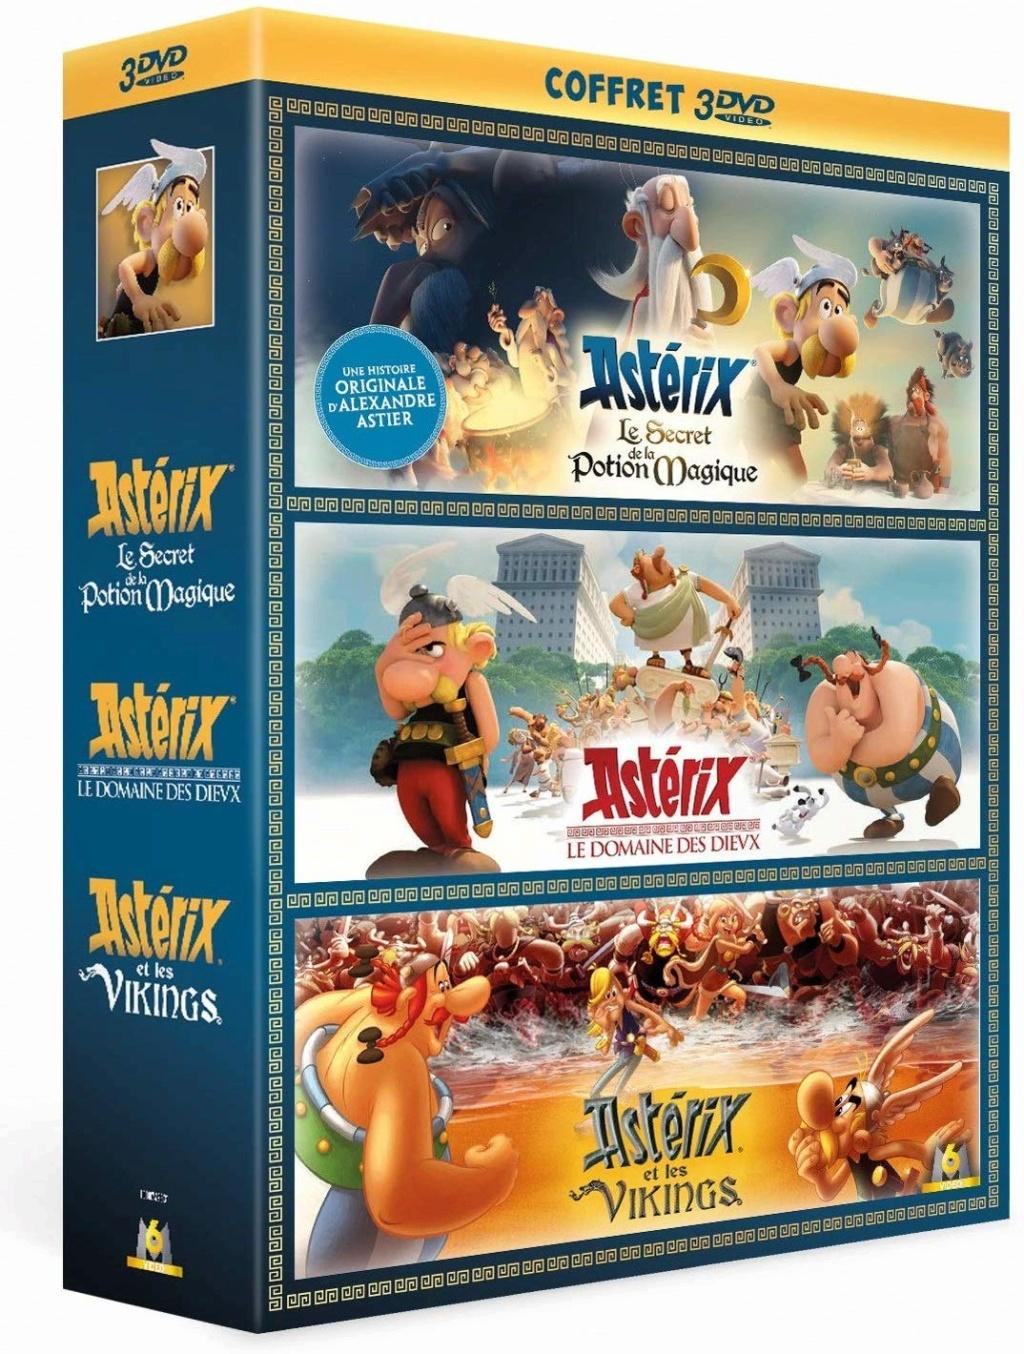 Coffret 3 dvd films Astérix - 25 septembre 2019 81xehh10